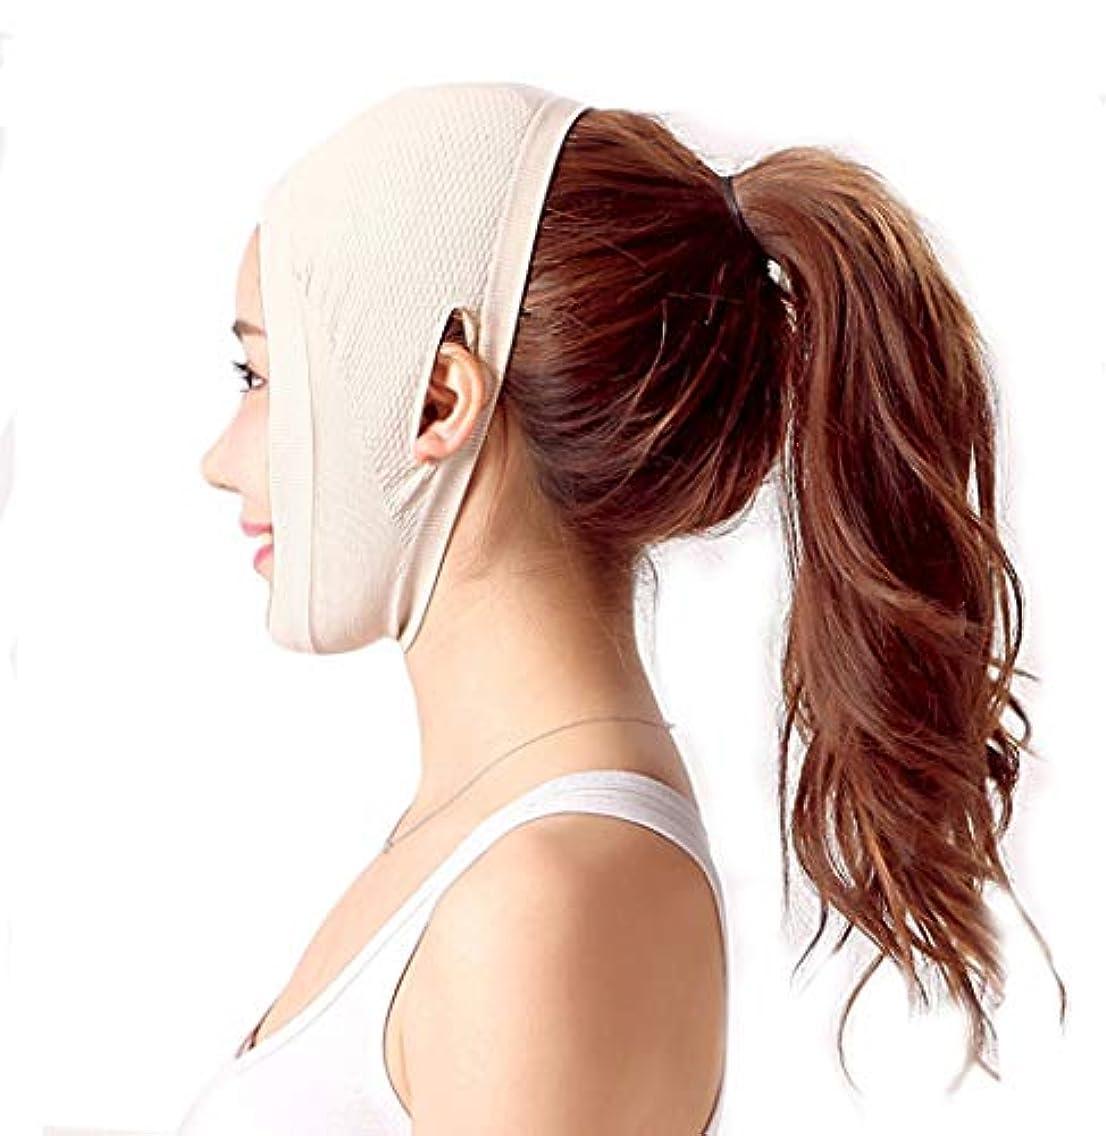 牛メーターホーム整形外科病院ライン彫刻術後回復ヘッドギア医療睡眠V顔リフティング包帯薄いフェイスマスク (Size : Skin tone(A))